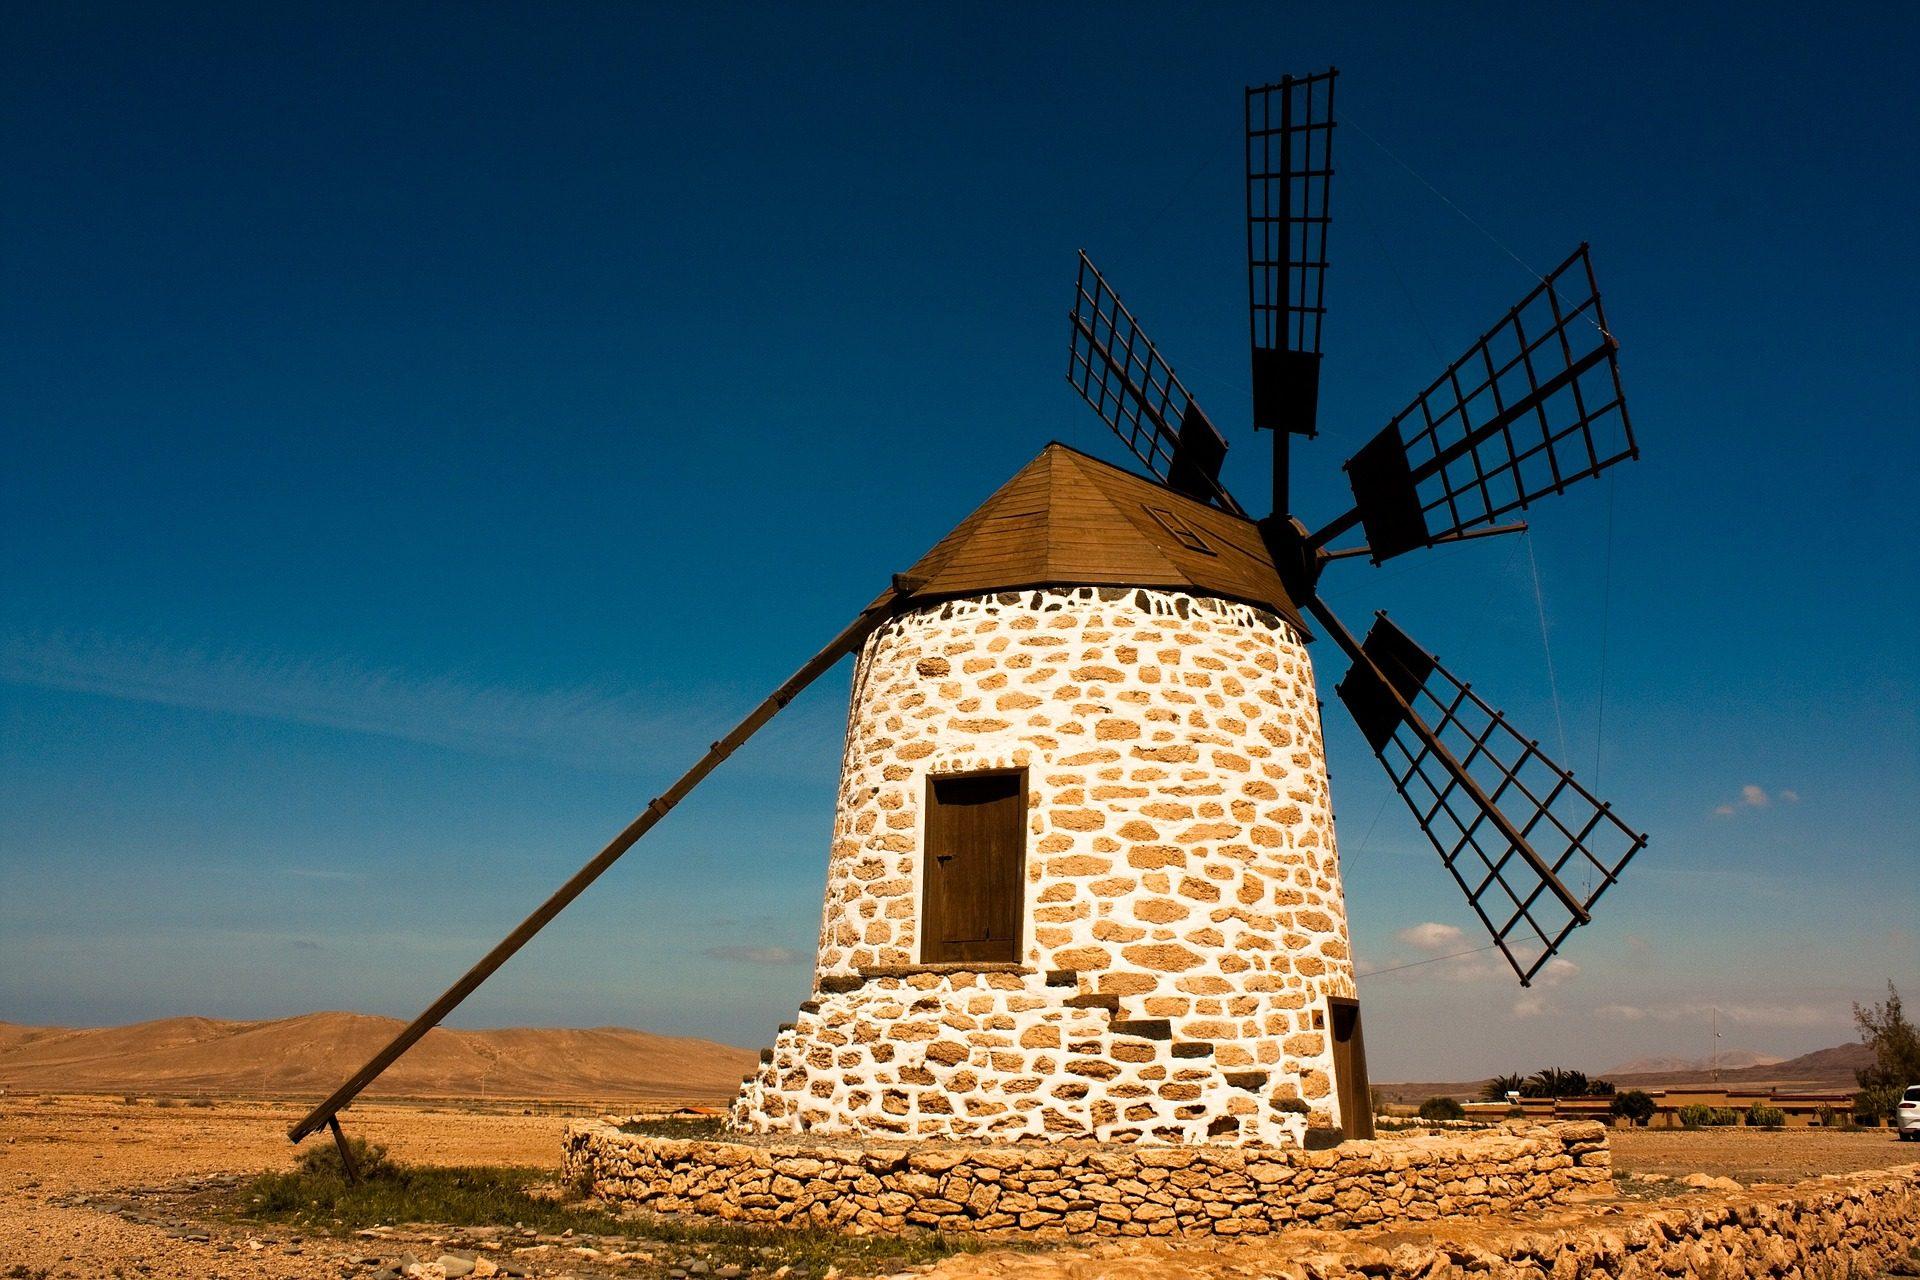 Mulino, Vento, Aspas, deserto, pianura, Fuerteventura - Sfondi HD - Professor-falken.com